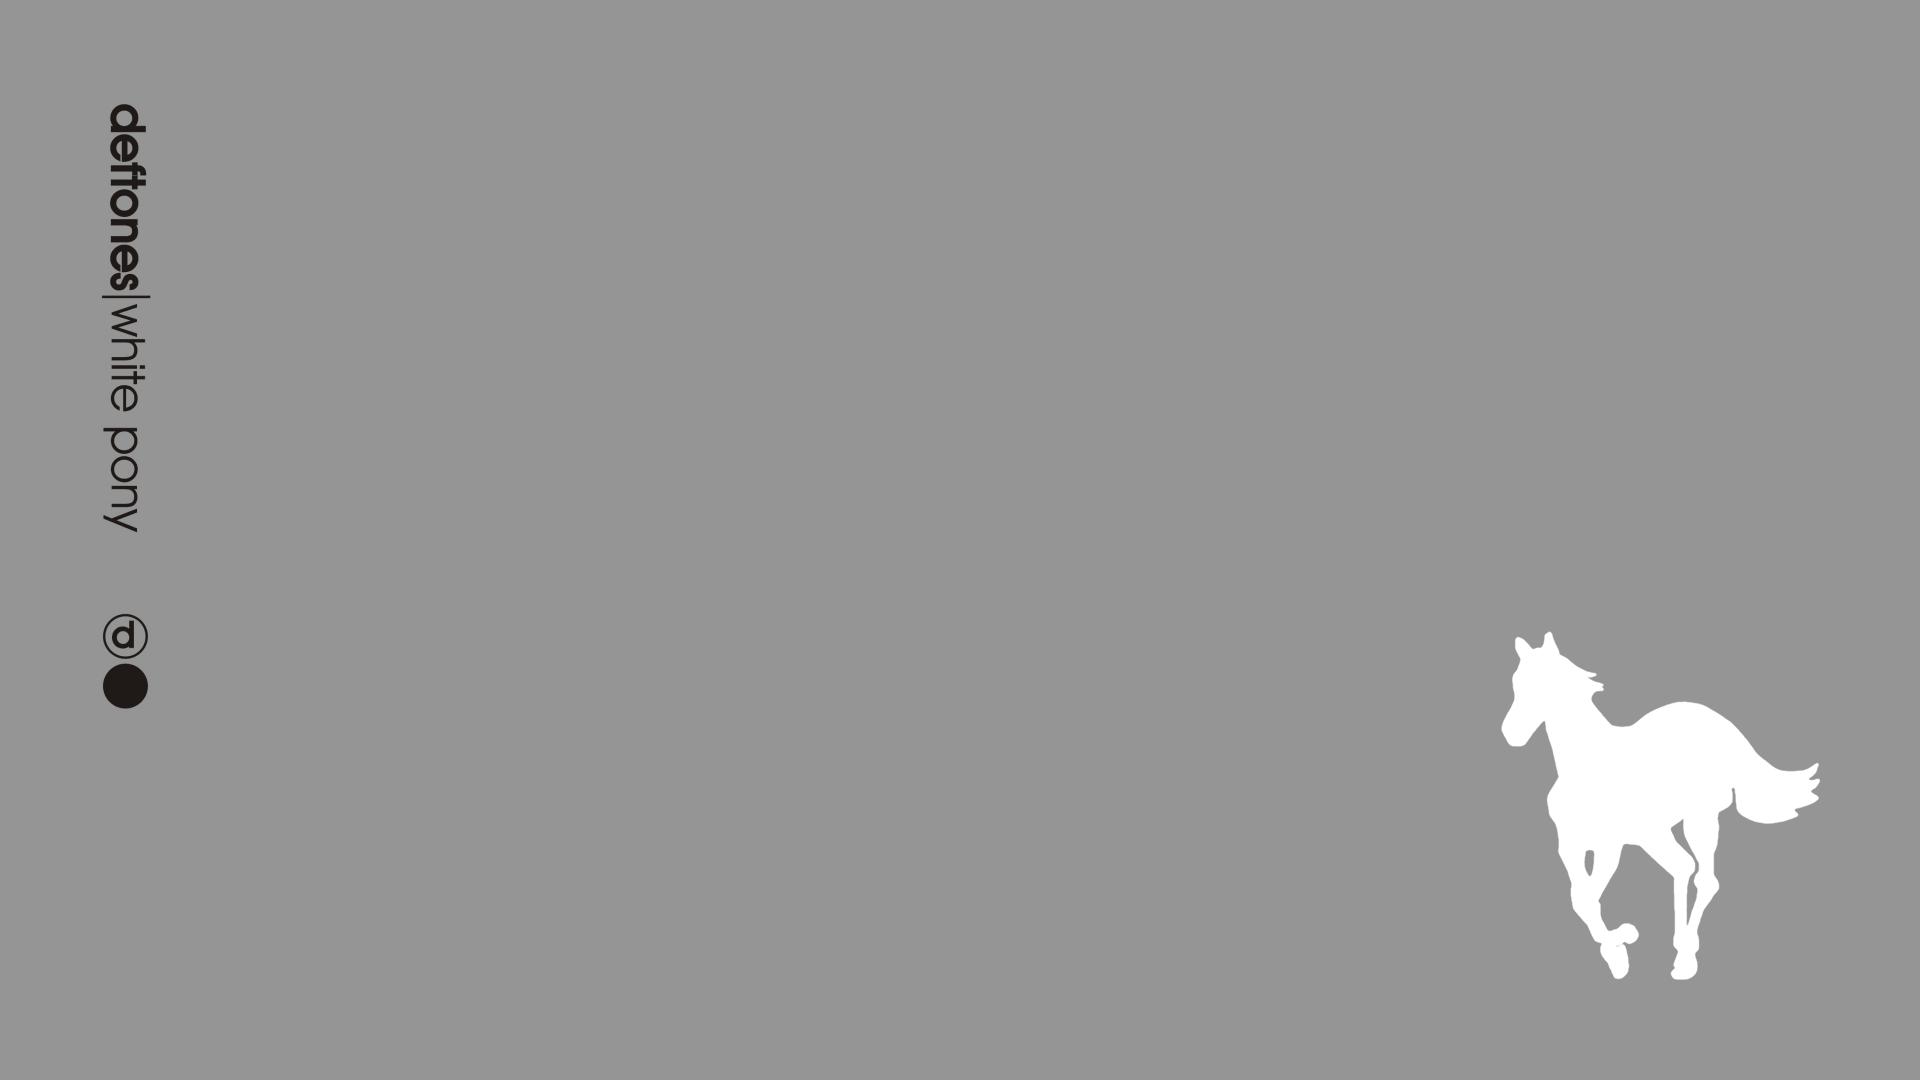 Deftones Wallpapers 1920x1080